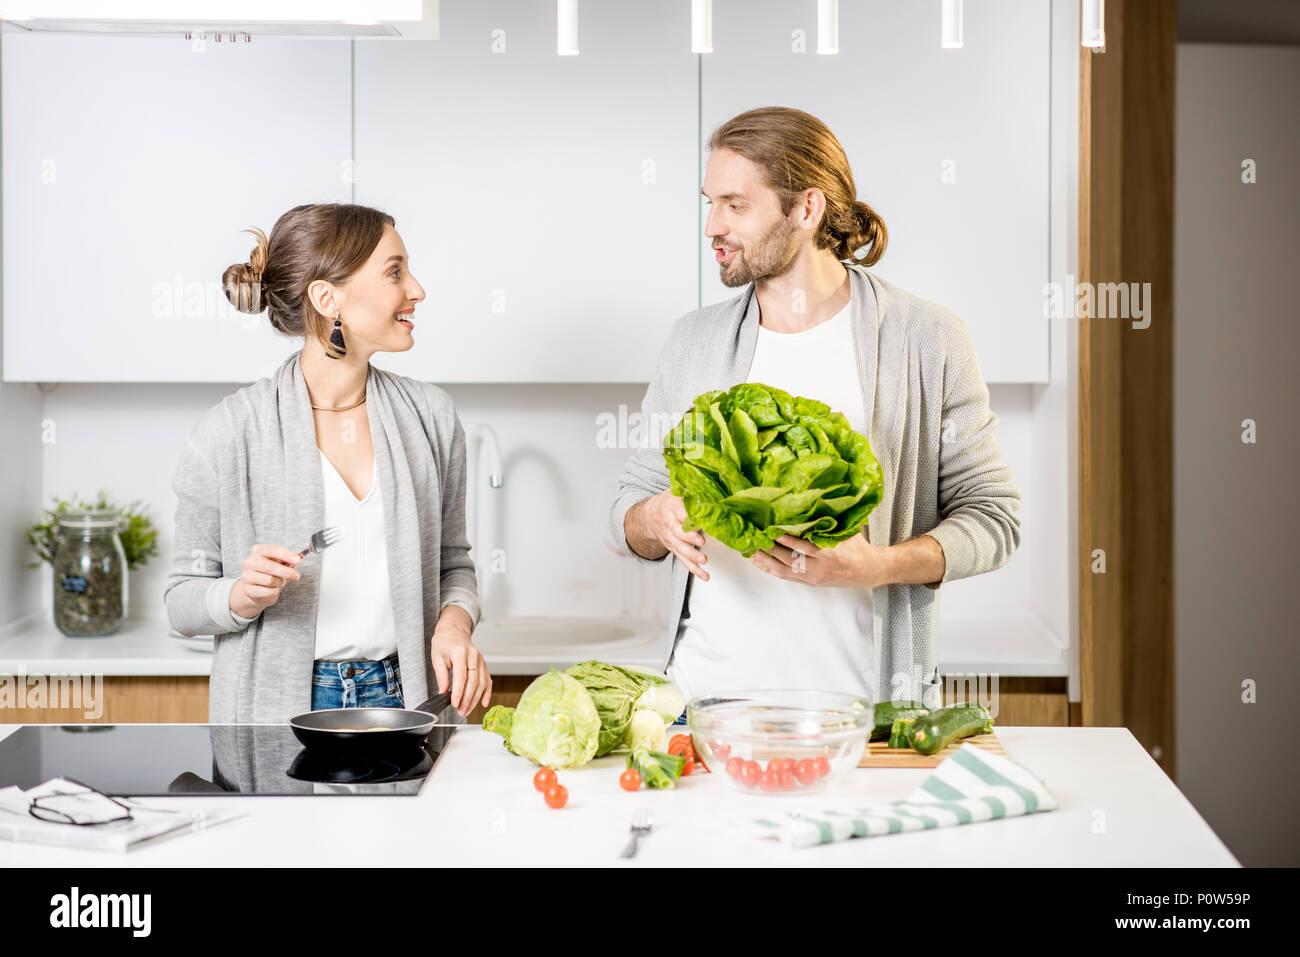 Paio di cottura degli alimenti in cucina home Immagini Stock